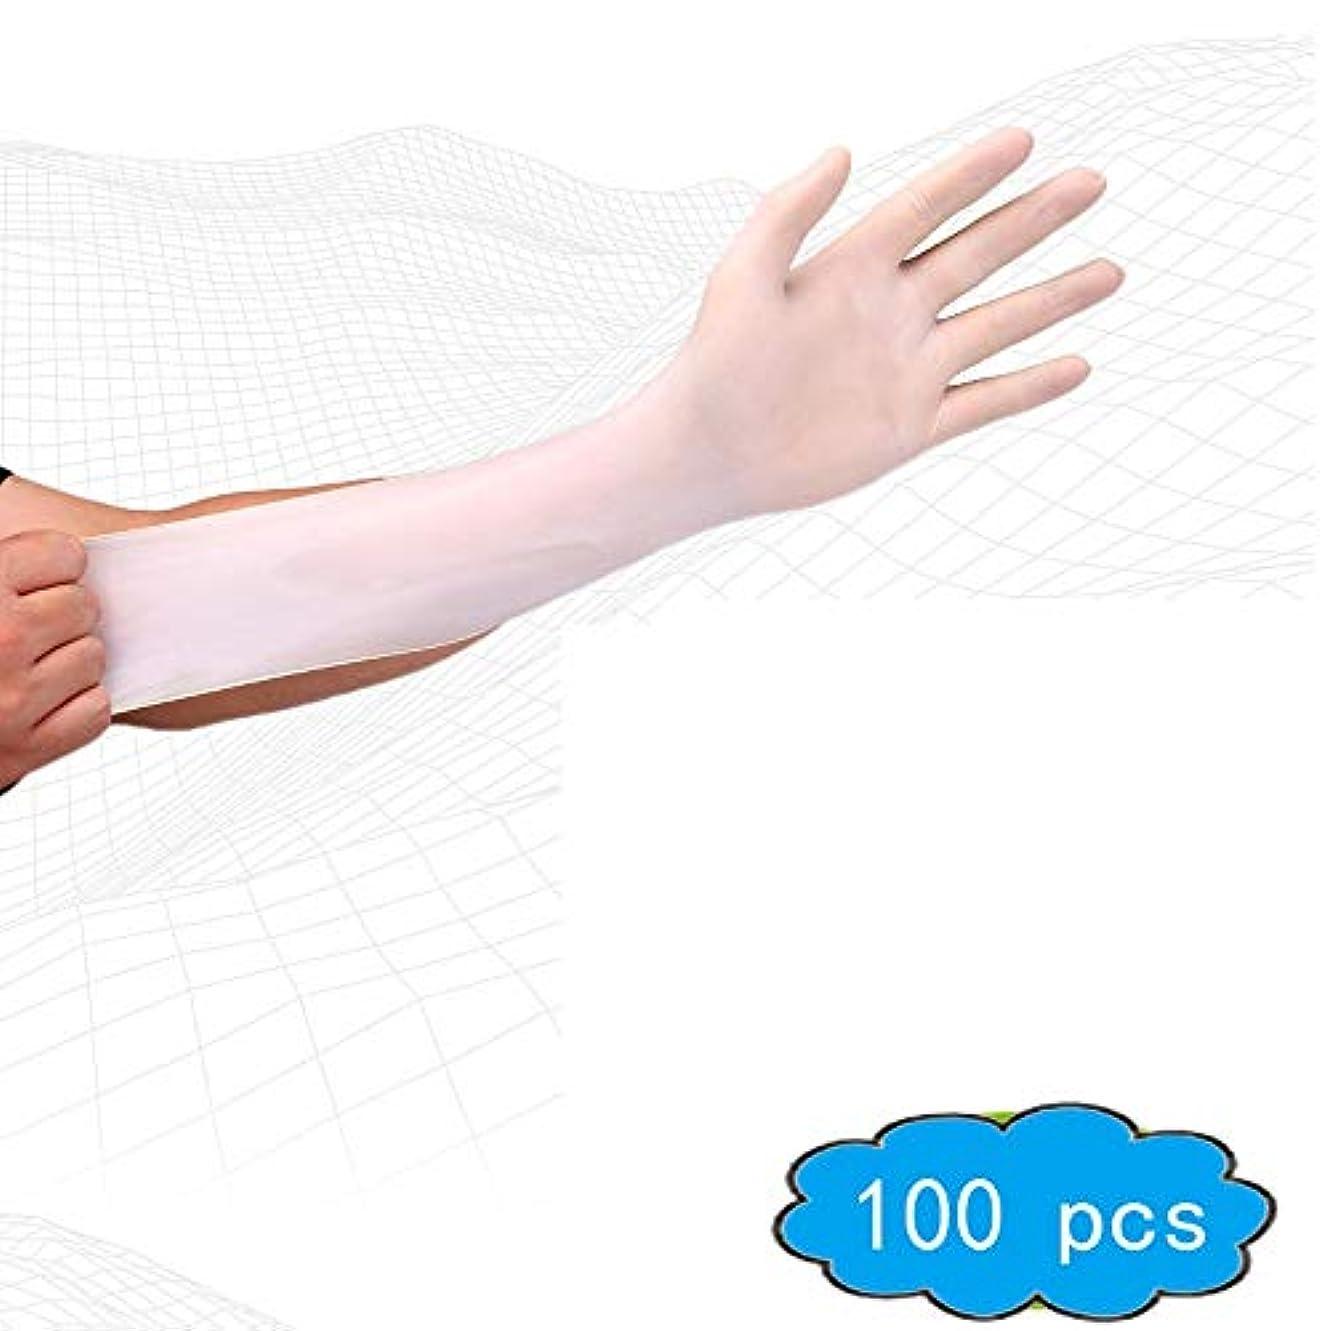 わかりやすい声を出してミシン使い捨てラテックス手袋、パウダーなし/ポックマーク/左手および右手、100箱、厚手、食品グレード、実験室、電子機器、ケータリング、高弾性手袋 (Color : Beige, Size : XS)